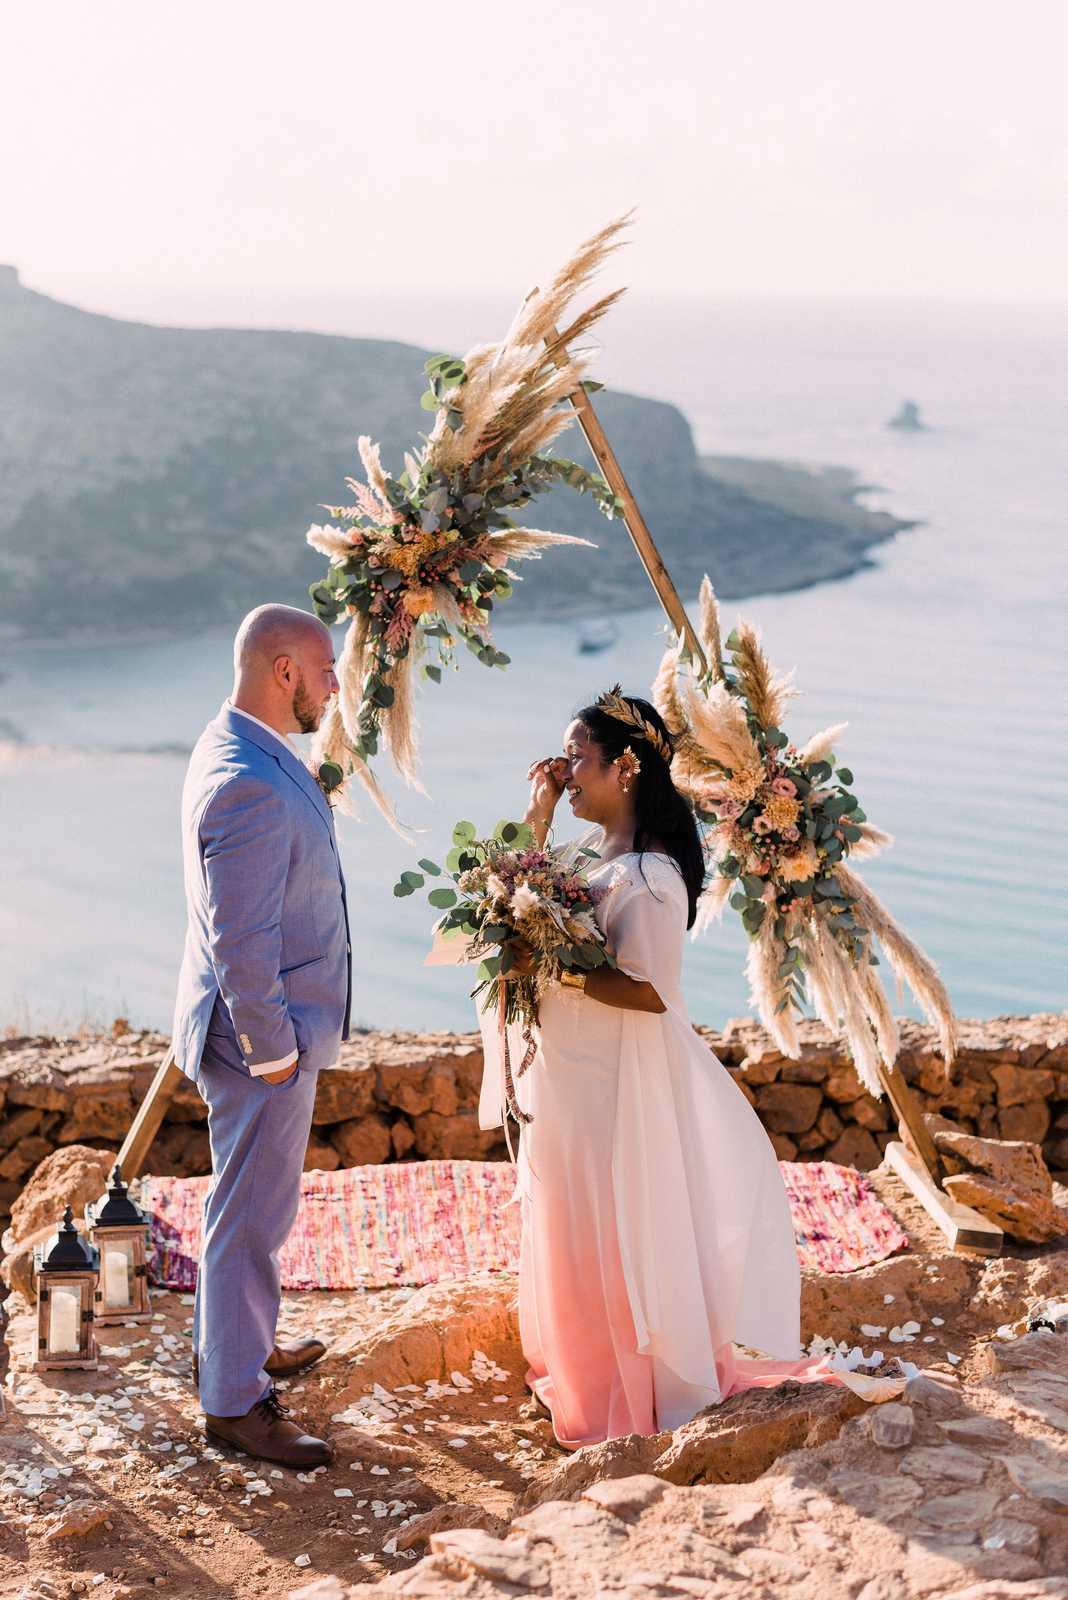 Jumi & Greg's elopement in Crete